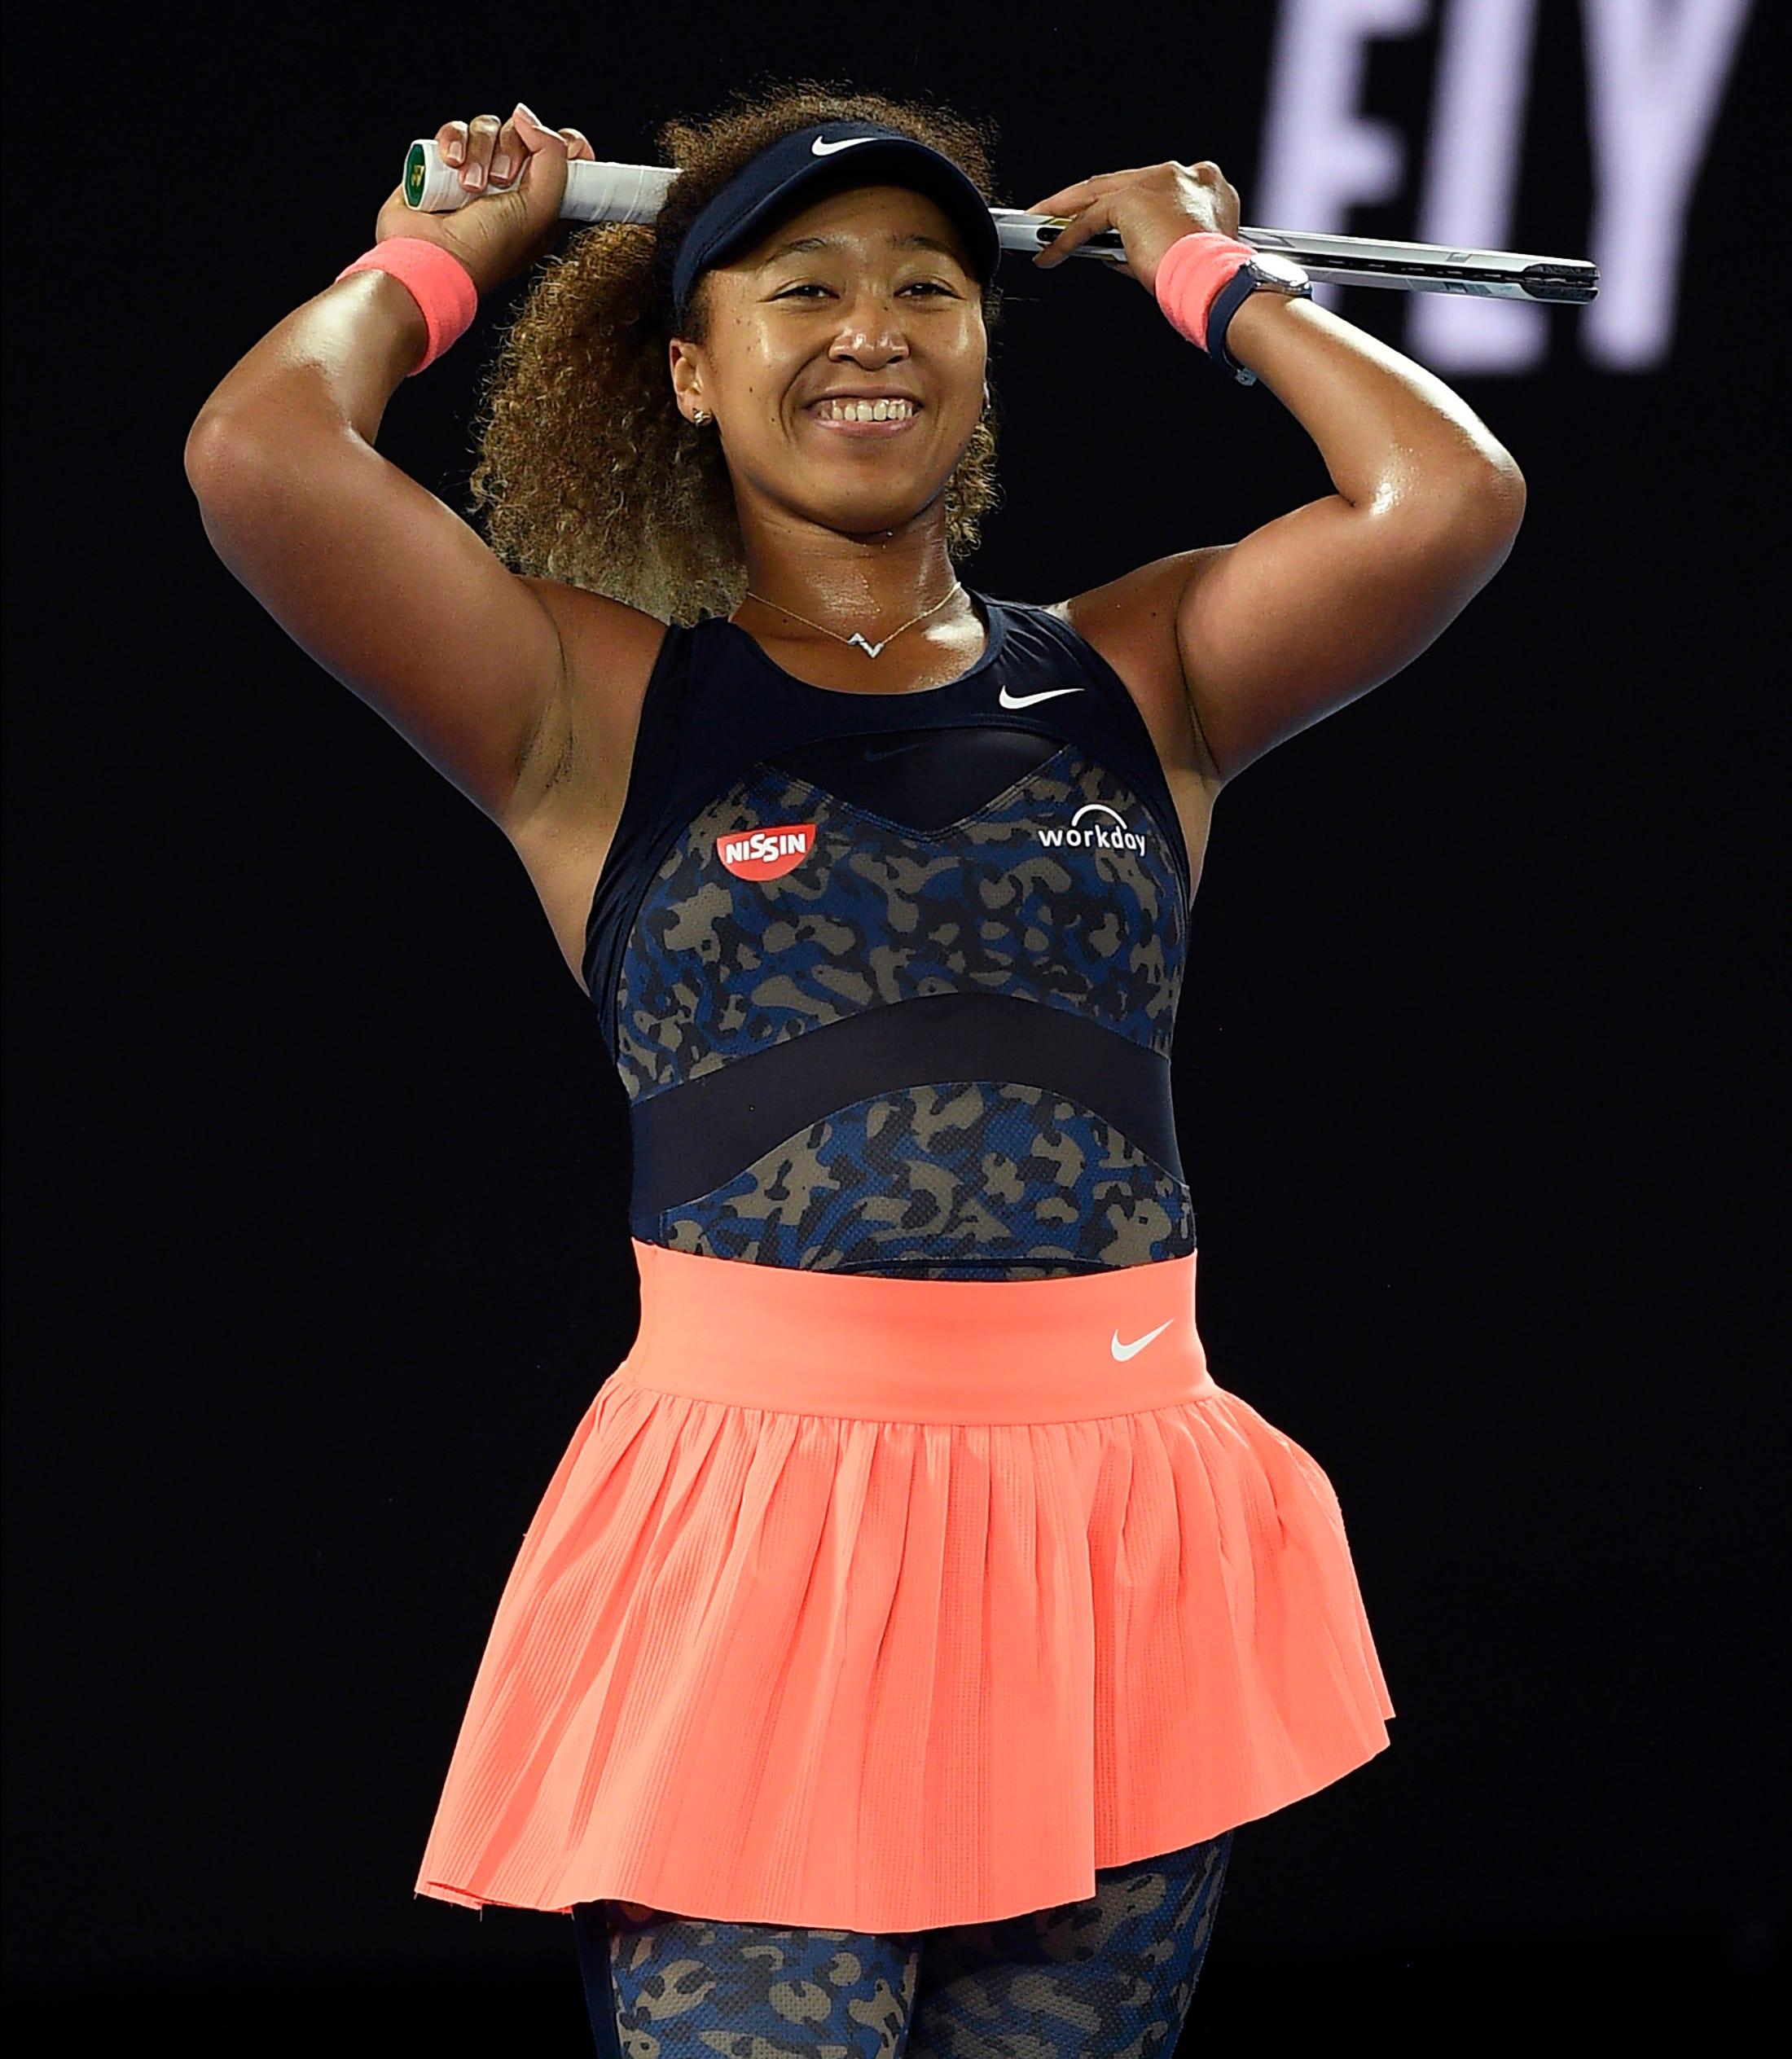 Naomi Osaka routs American Jennifer Brady to win Australian Open, fourth Grand Slam title